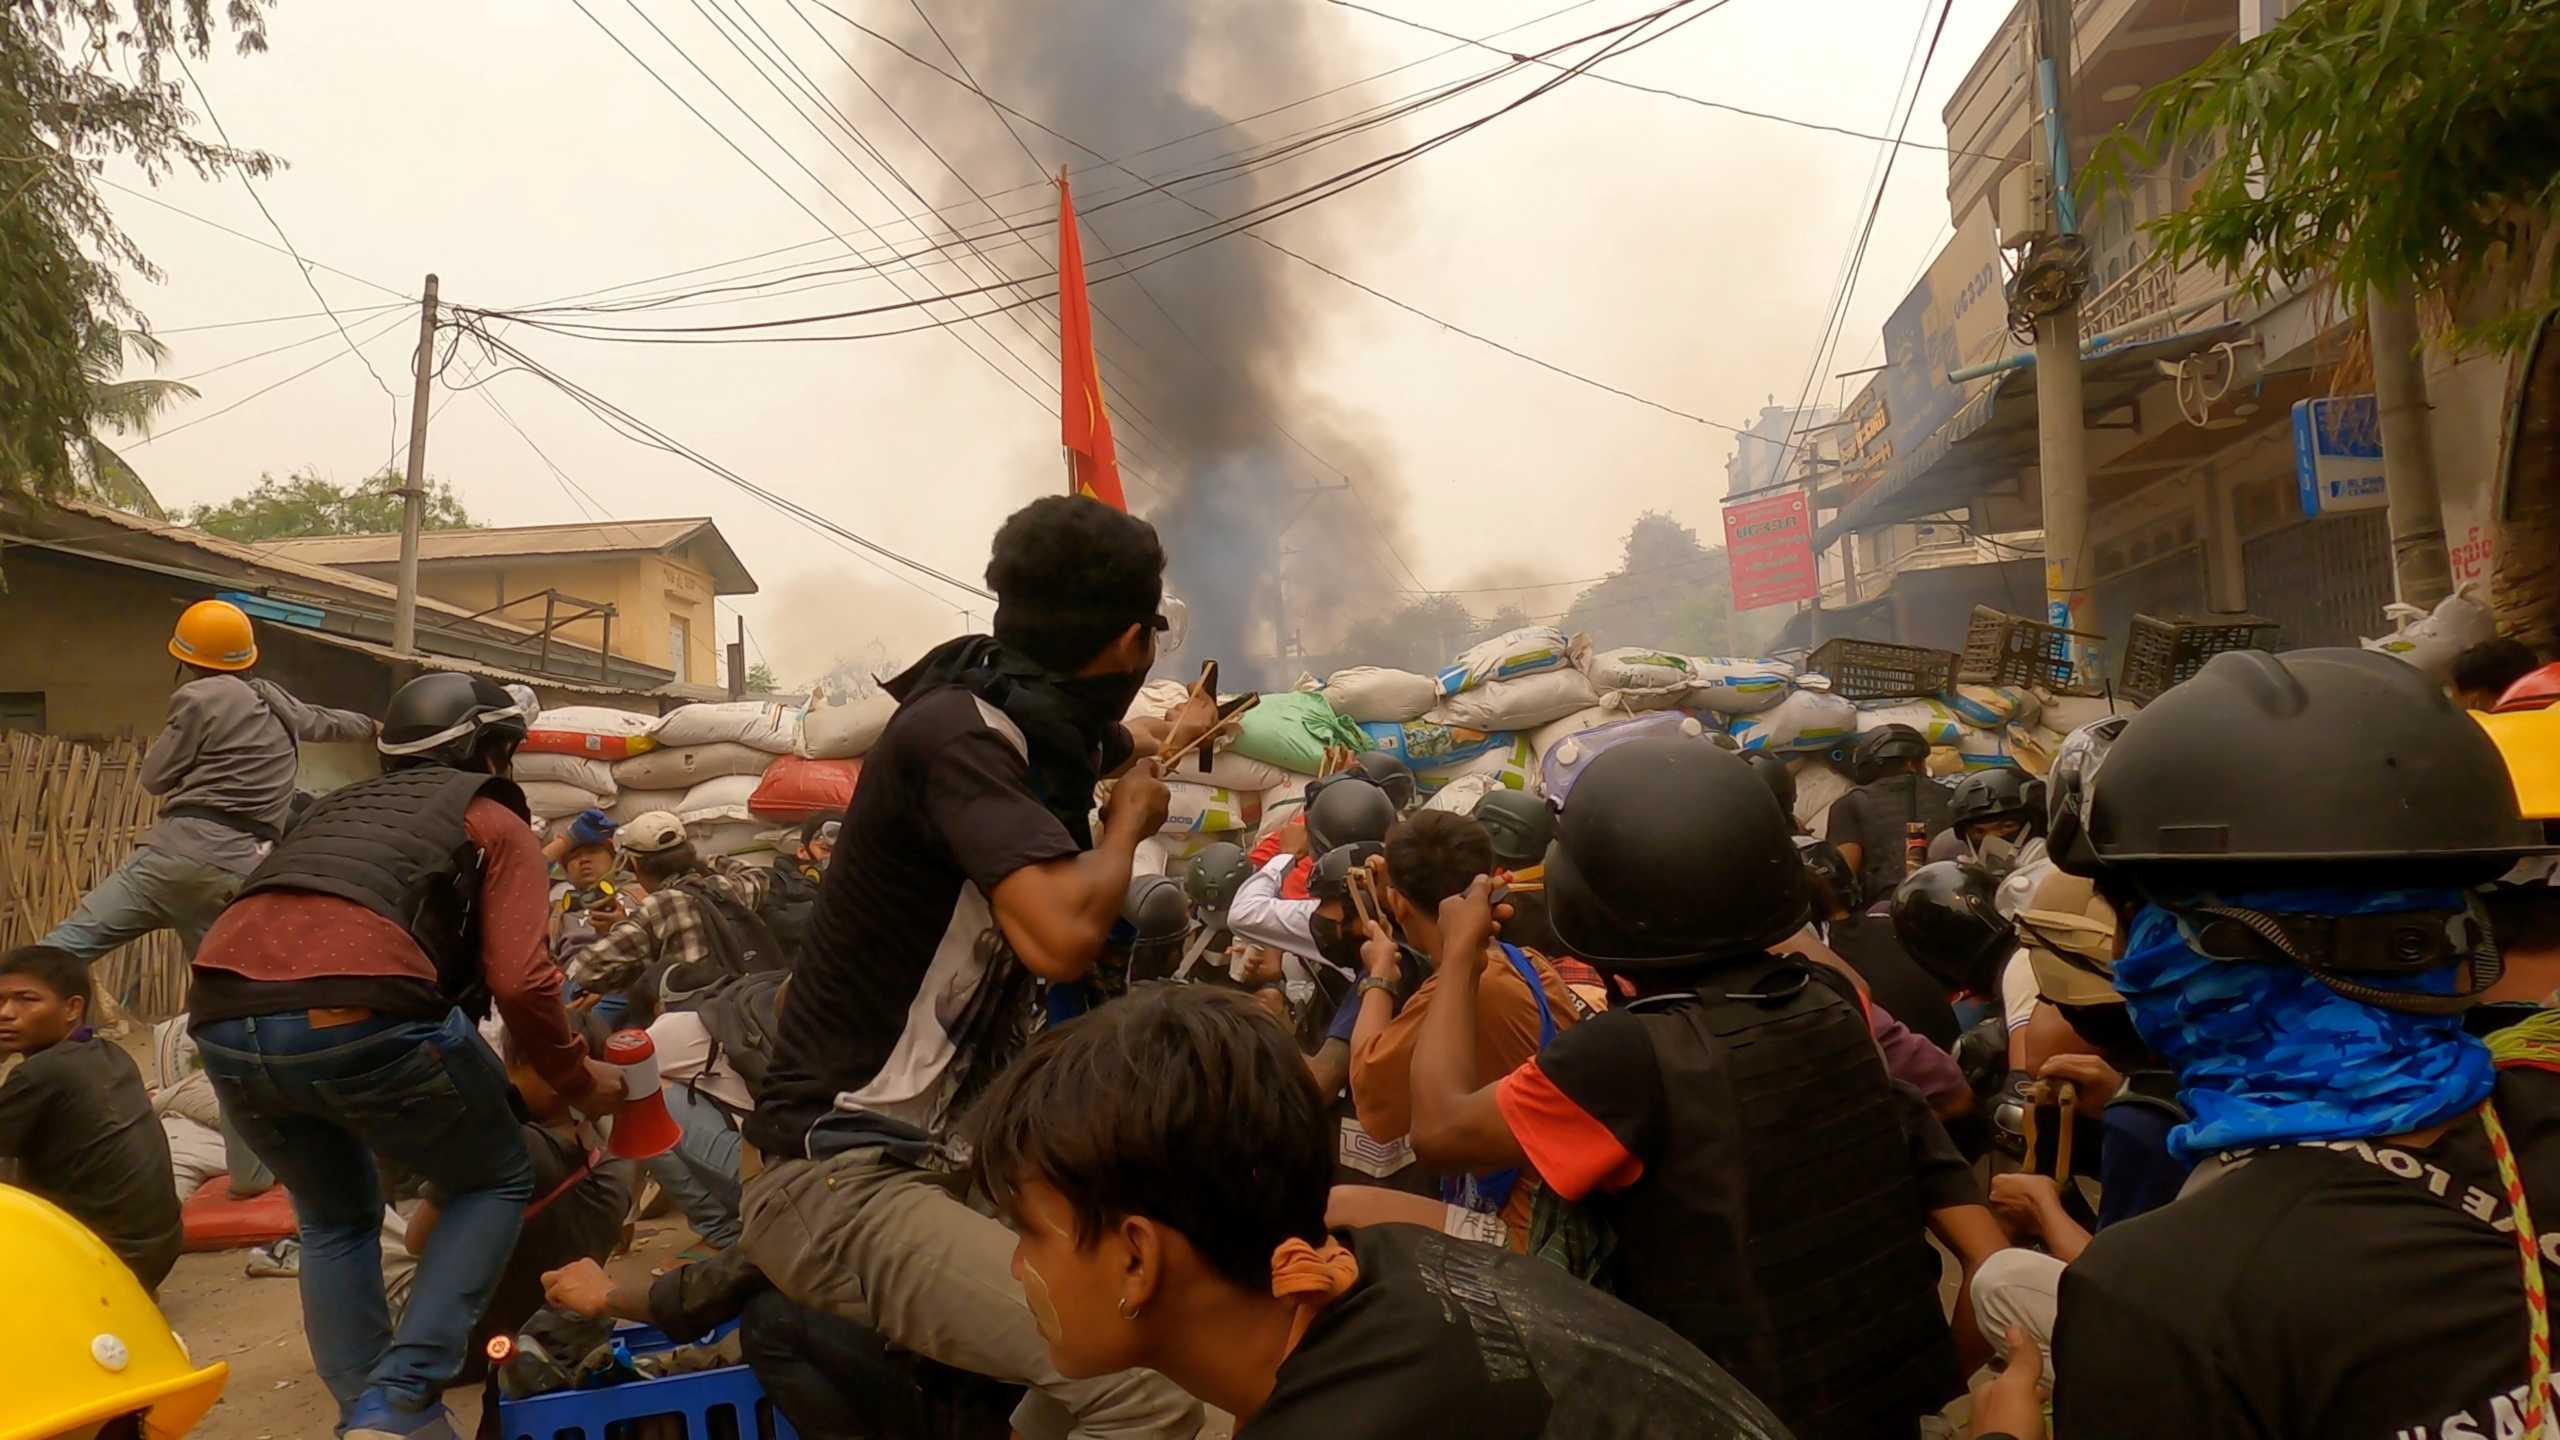 Πραξικόπημα Μιανμάρ: Συνεχίζονται οι αιματηρές διαδηλώσεις – Τουλάχιστον 80 νεκροί στην Μπάγκο